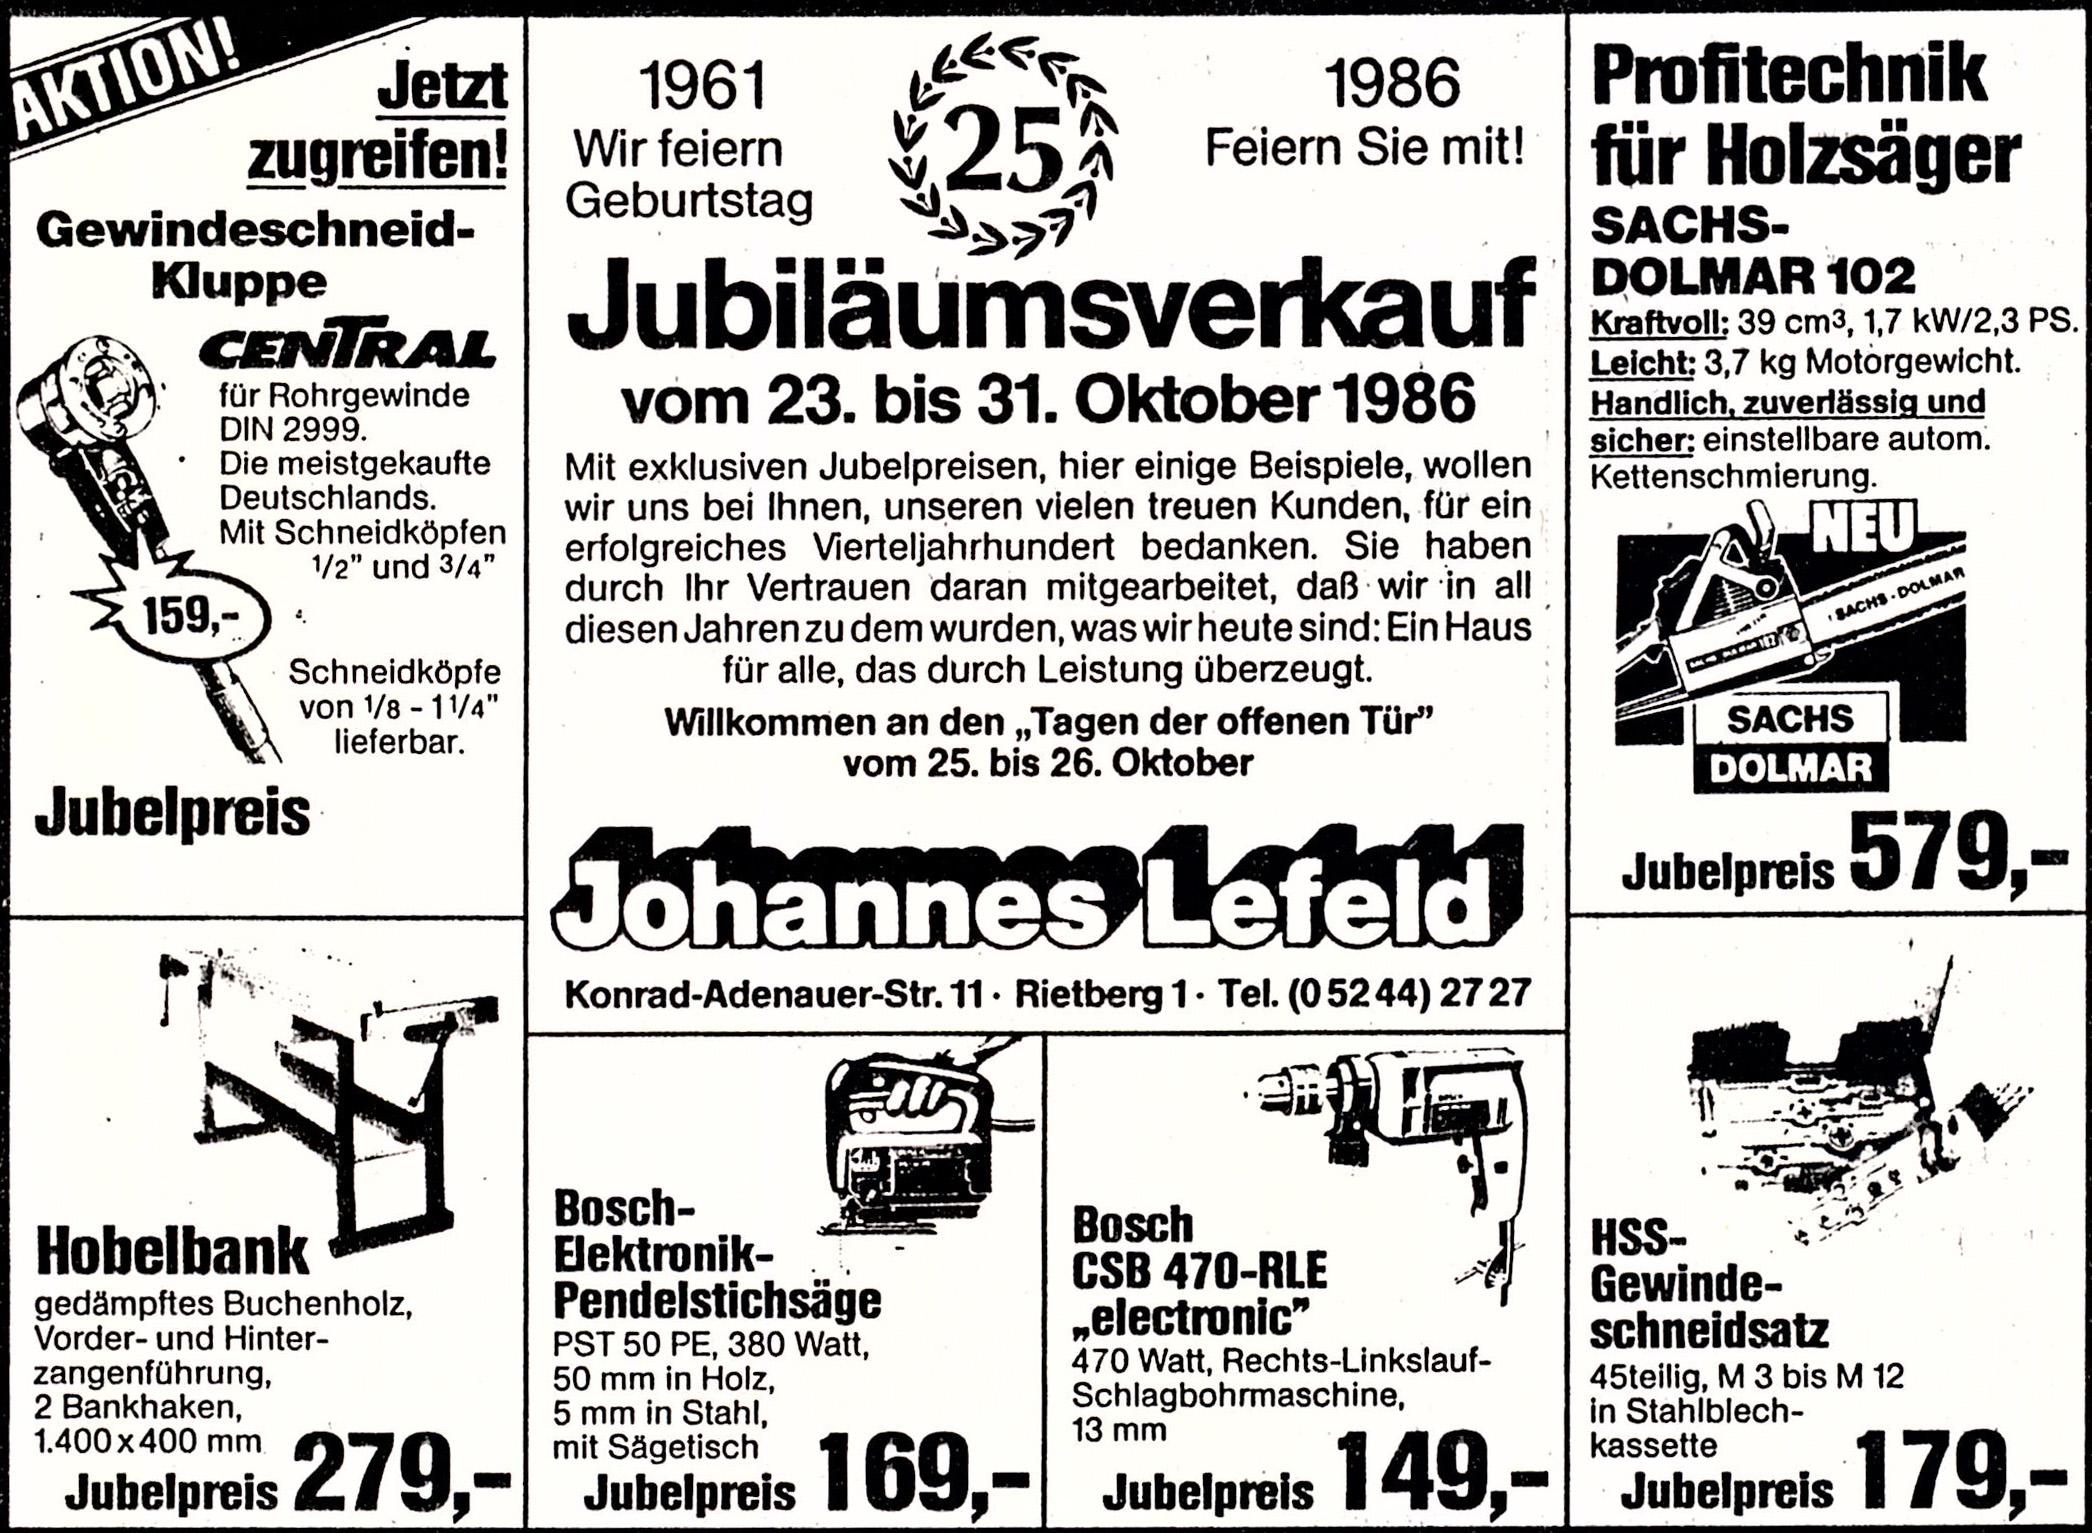 1986 Jubiläum 25 Jahre